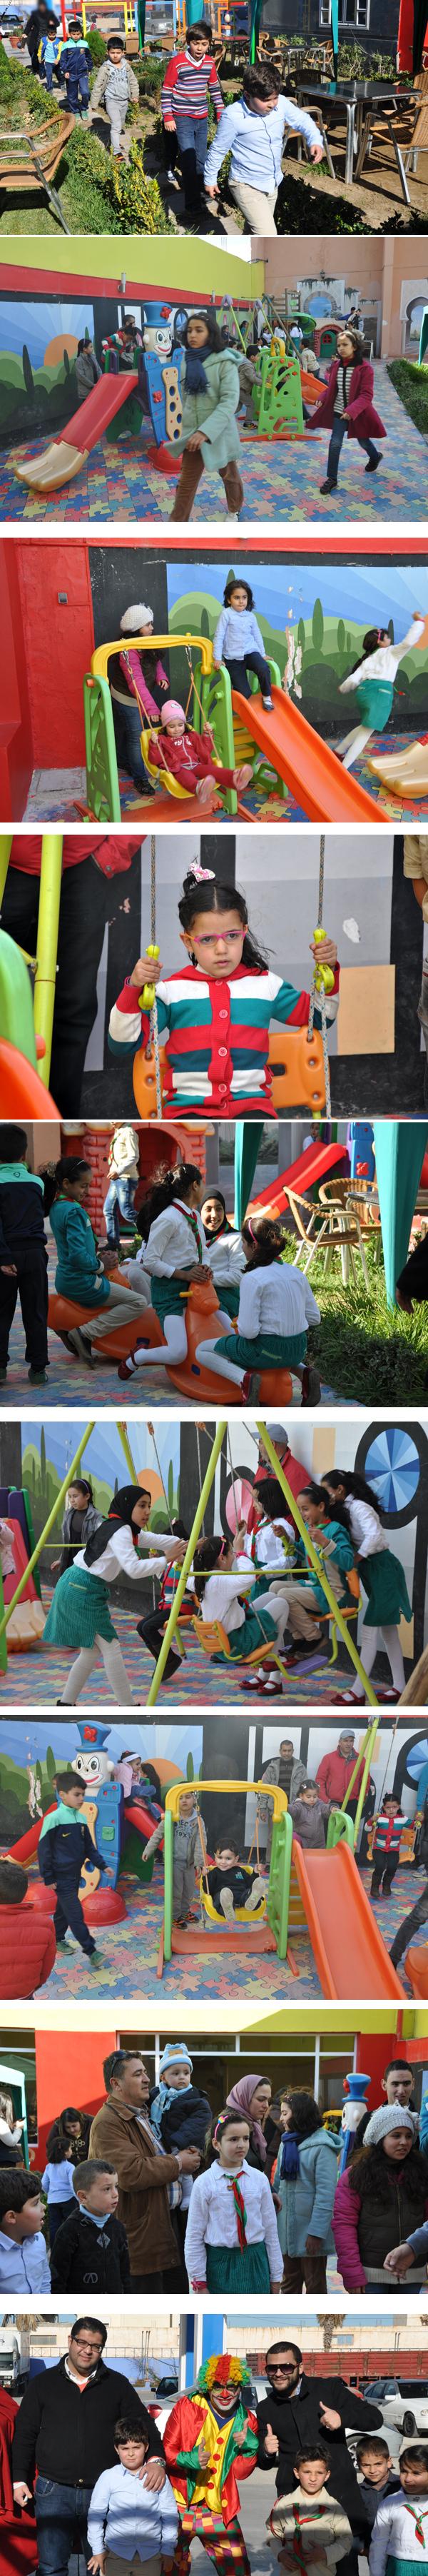 """افتتاح الأيام التنشيطية الخاصة بالأطفال  بفضـاء الإستراحة """" ميــﯖــا فــول """""""